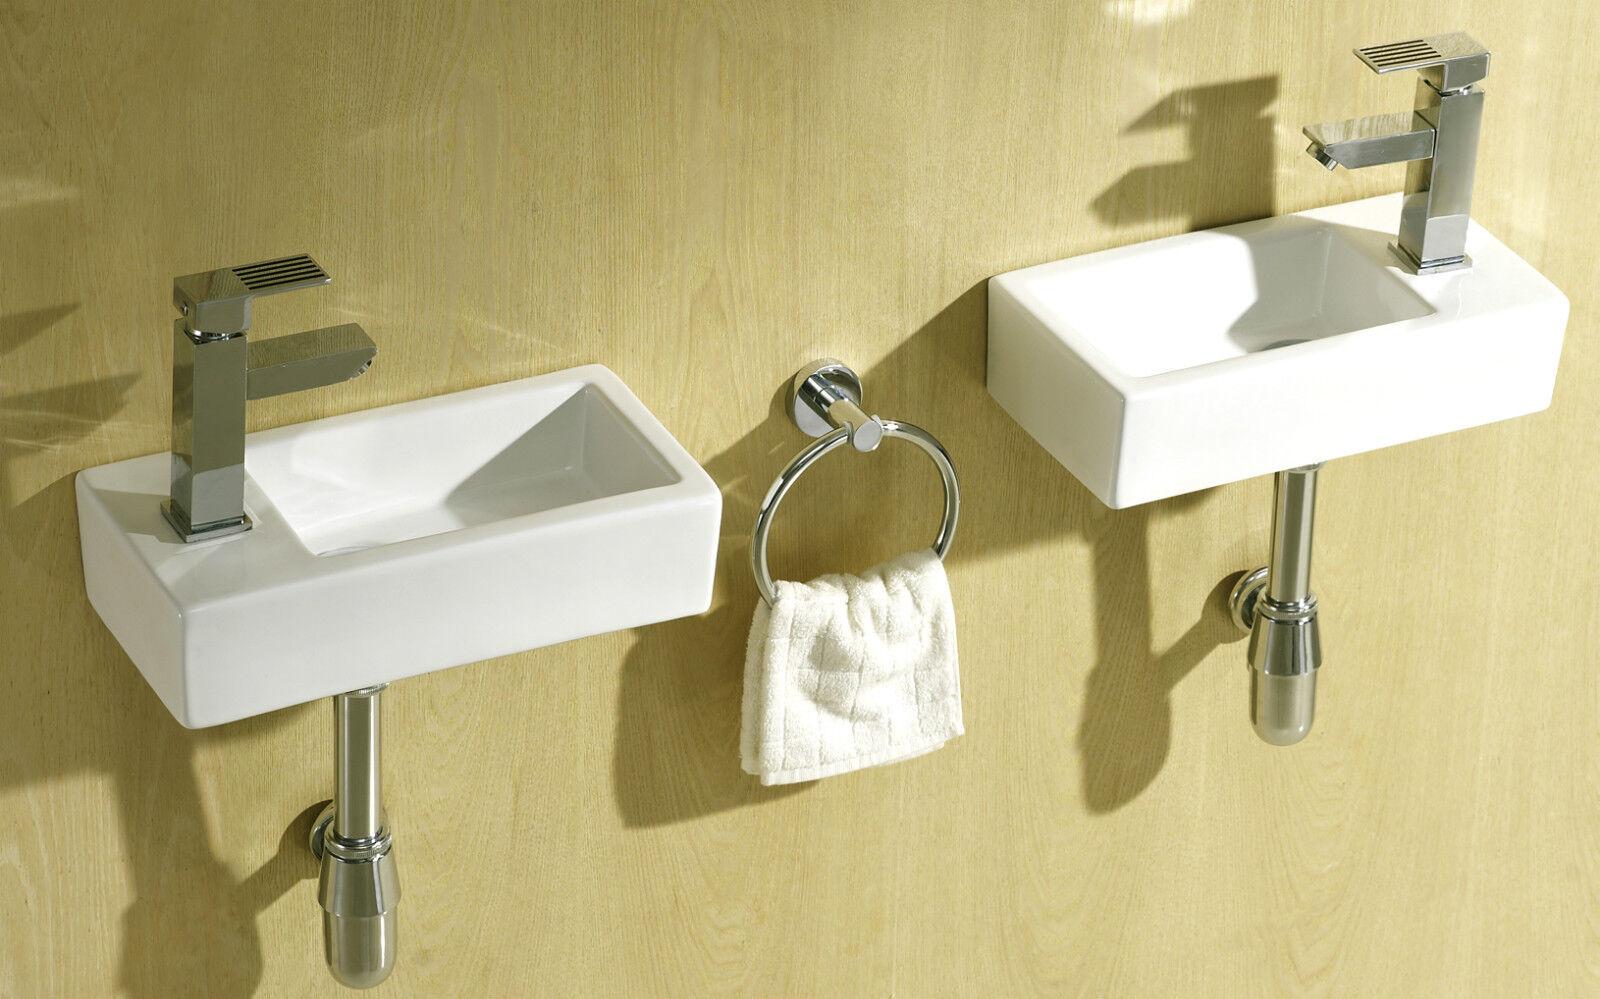 Slim Wall Hung Basin : ... Rectangle Cloakroom Basin Bathroom Sink Wall Hung 375 X 185 eBay